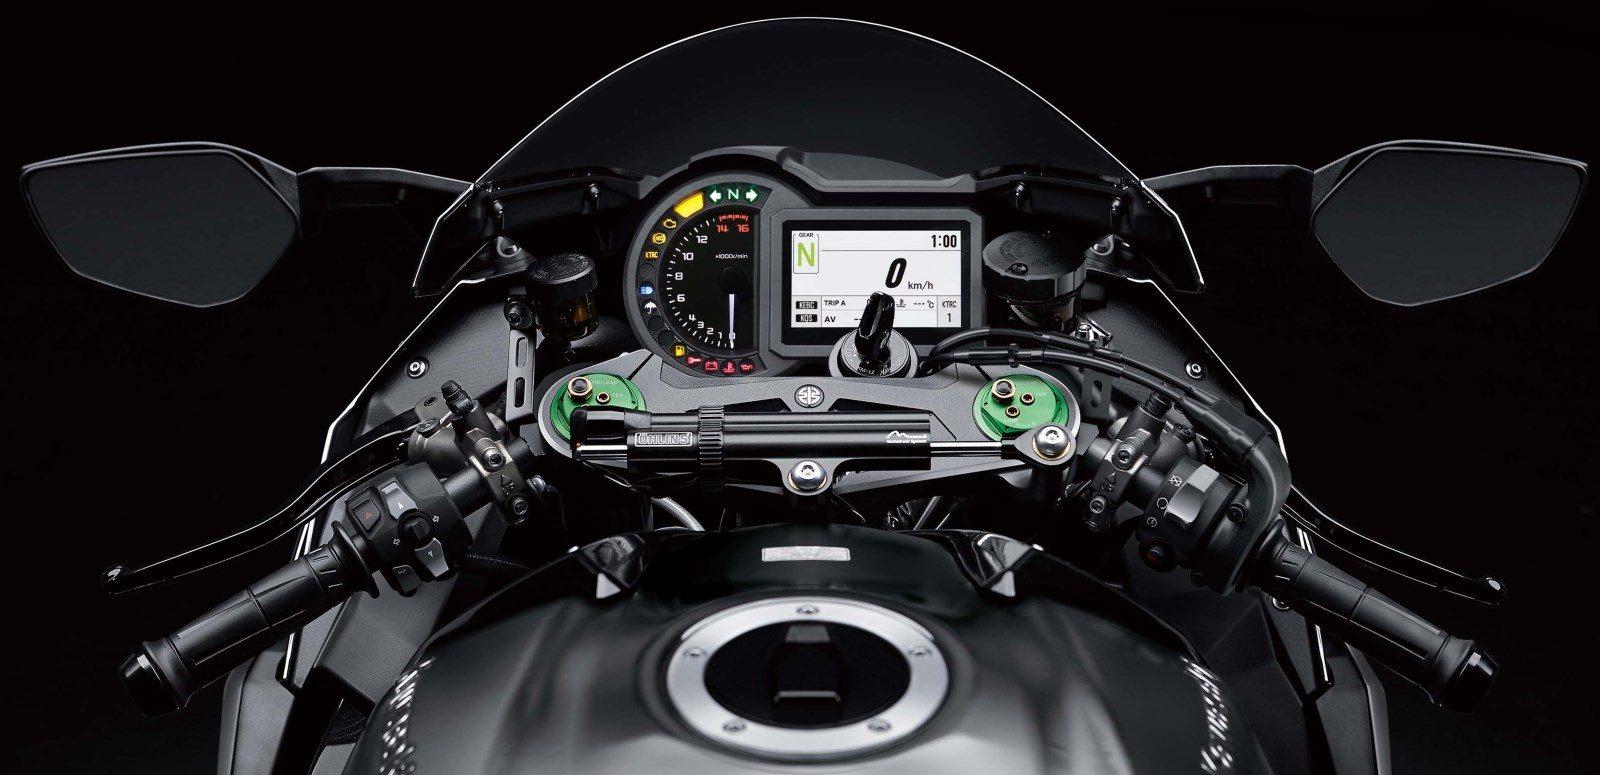 2010er Kawasaki ZX1000 H2 Cockpit